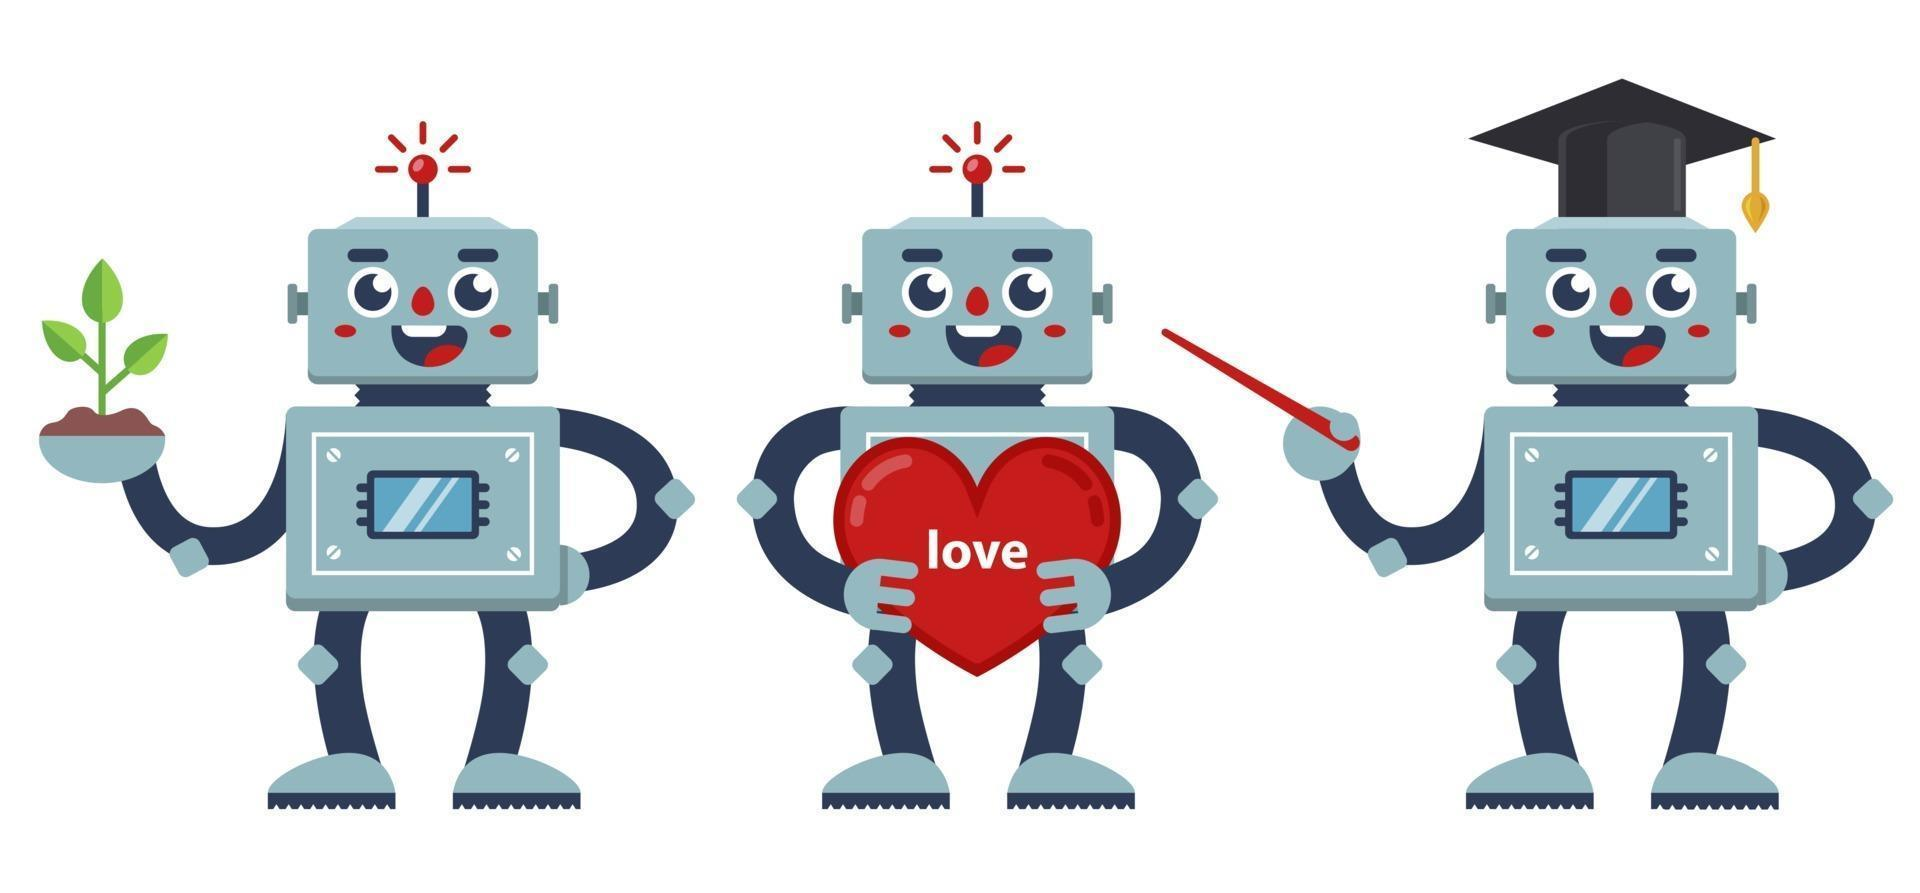 conjunto de robôs positivos. um professor robô, um robô nerd e um robô com um grande coração. ilustração de personagens de vetor plana.